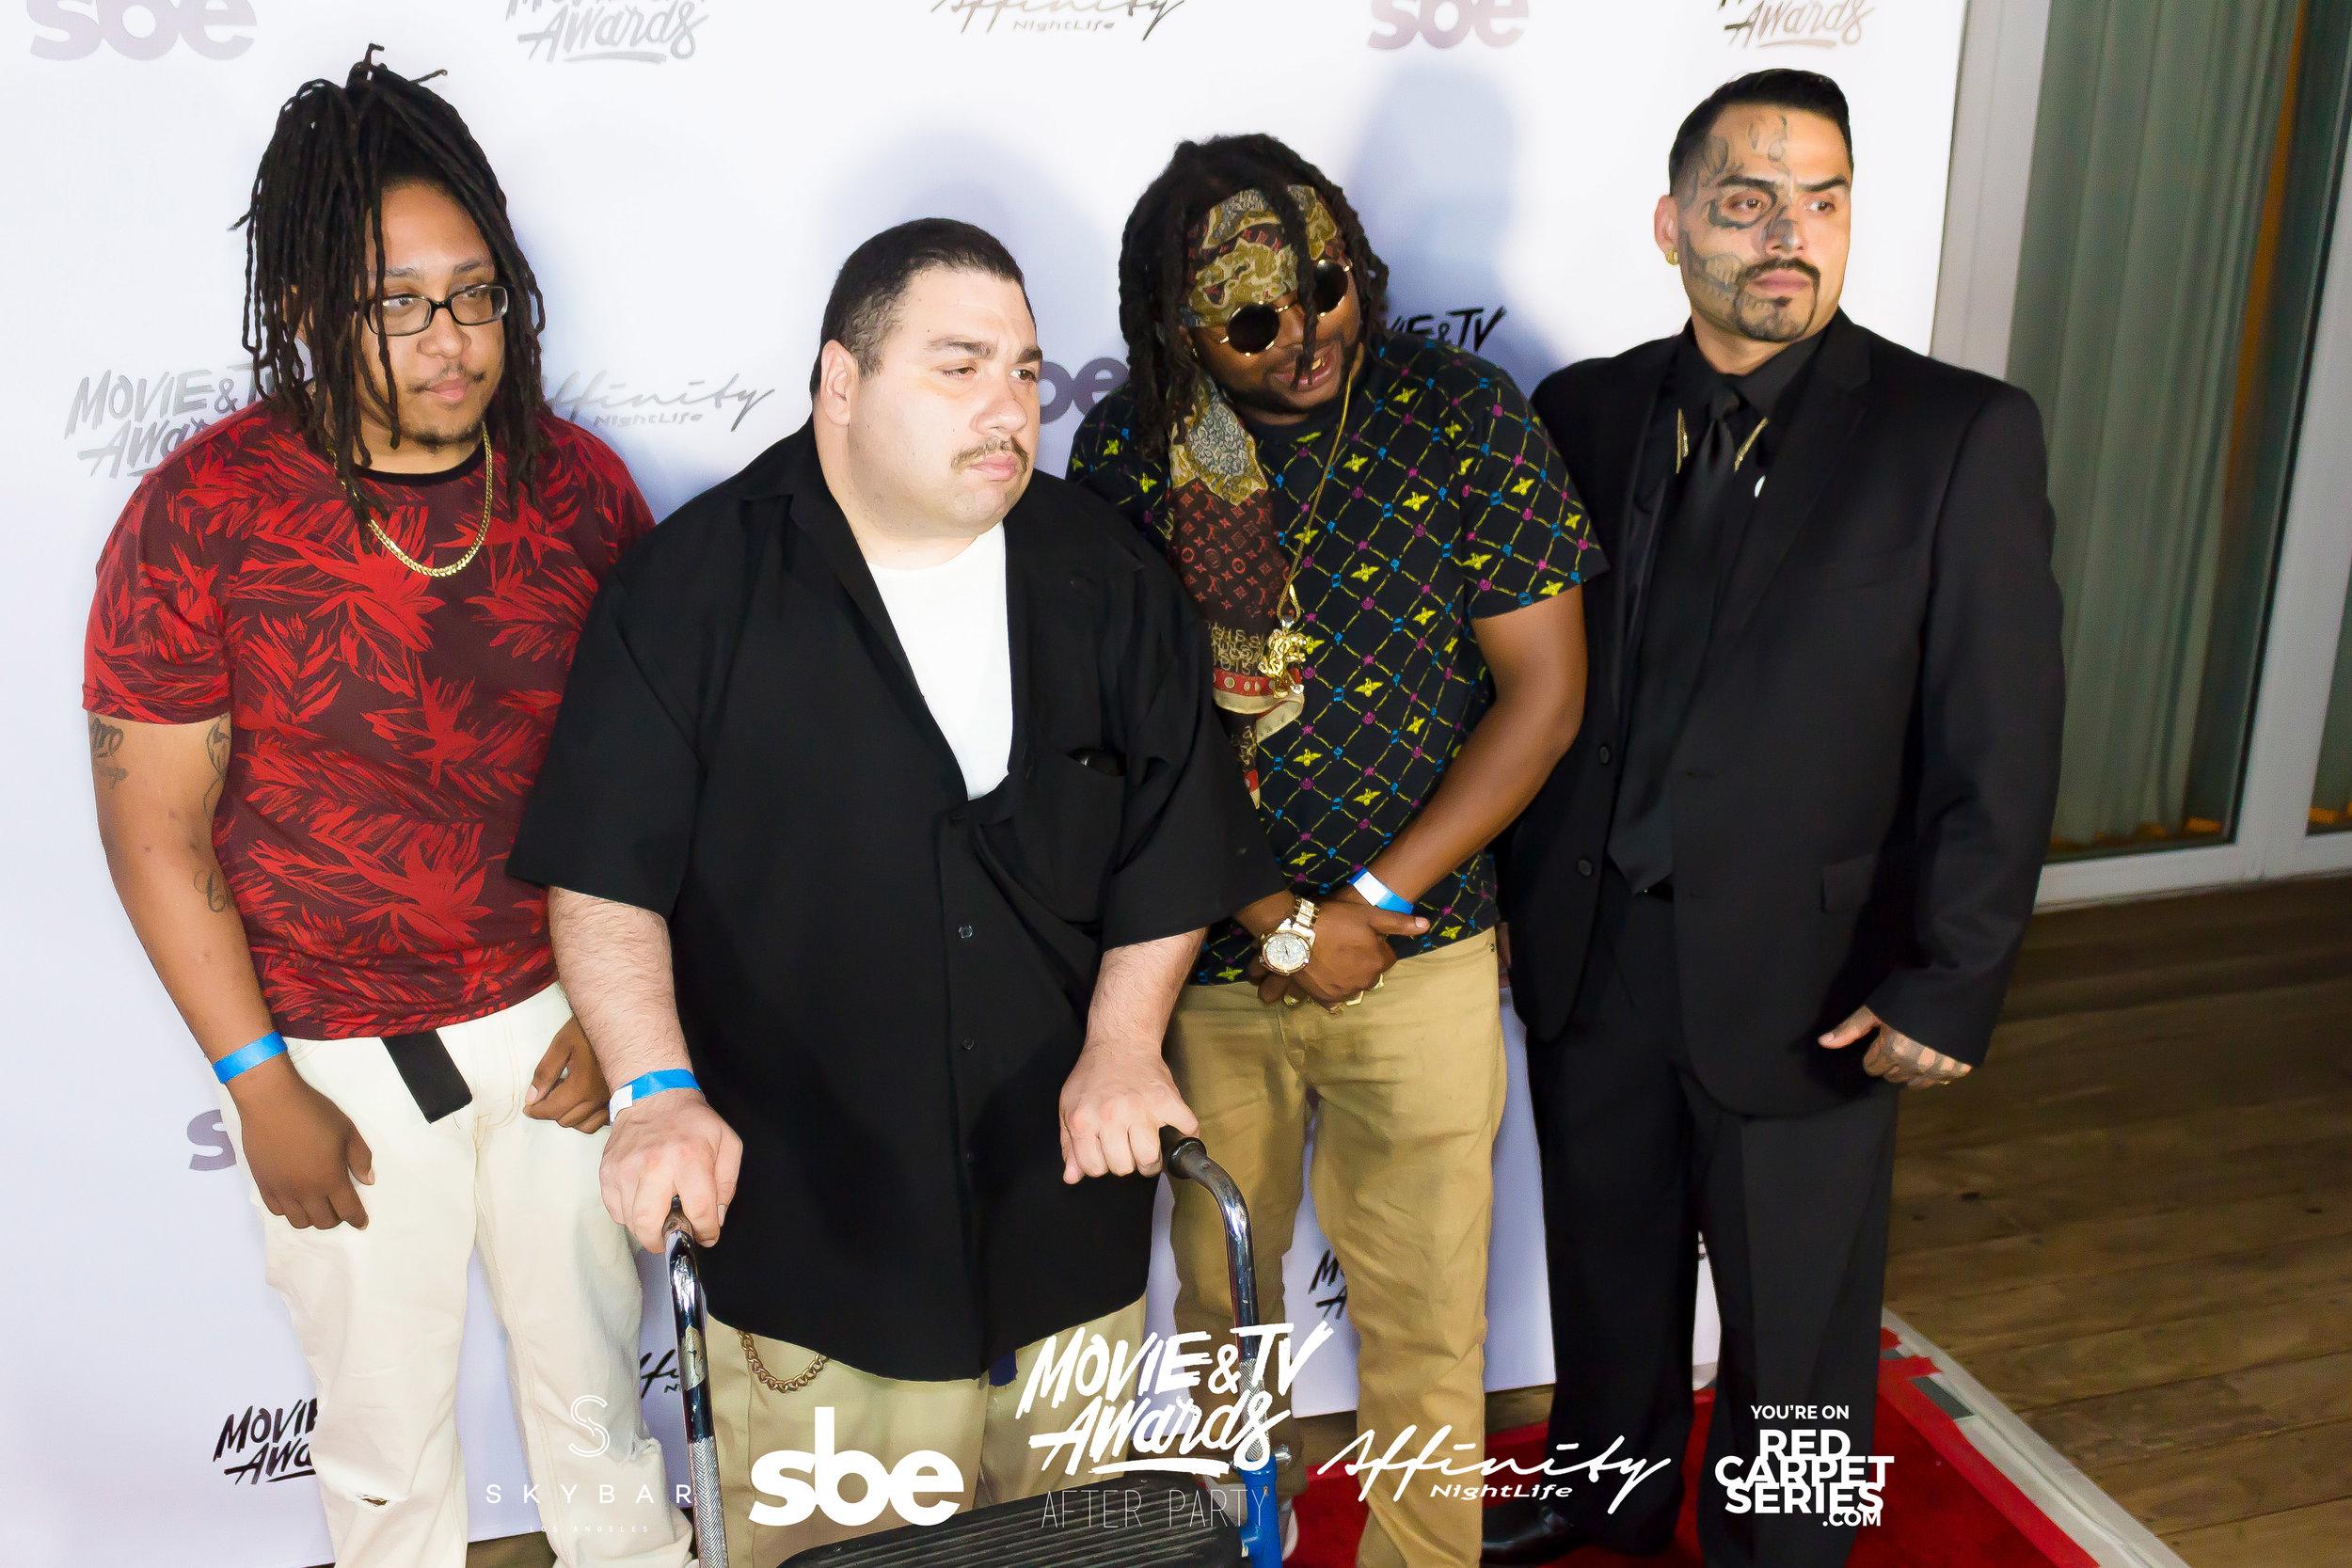 Affinity Nightlife MTV Movie & TV Awards After Party - Skybar at Mondrian - 06-15-19 - Vol. 2_117.jpg